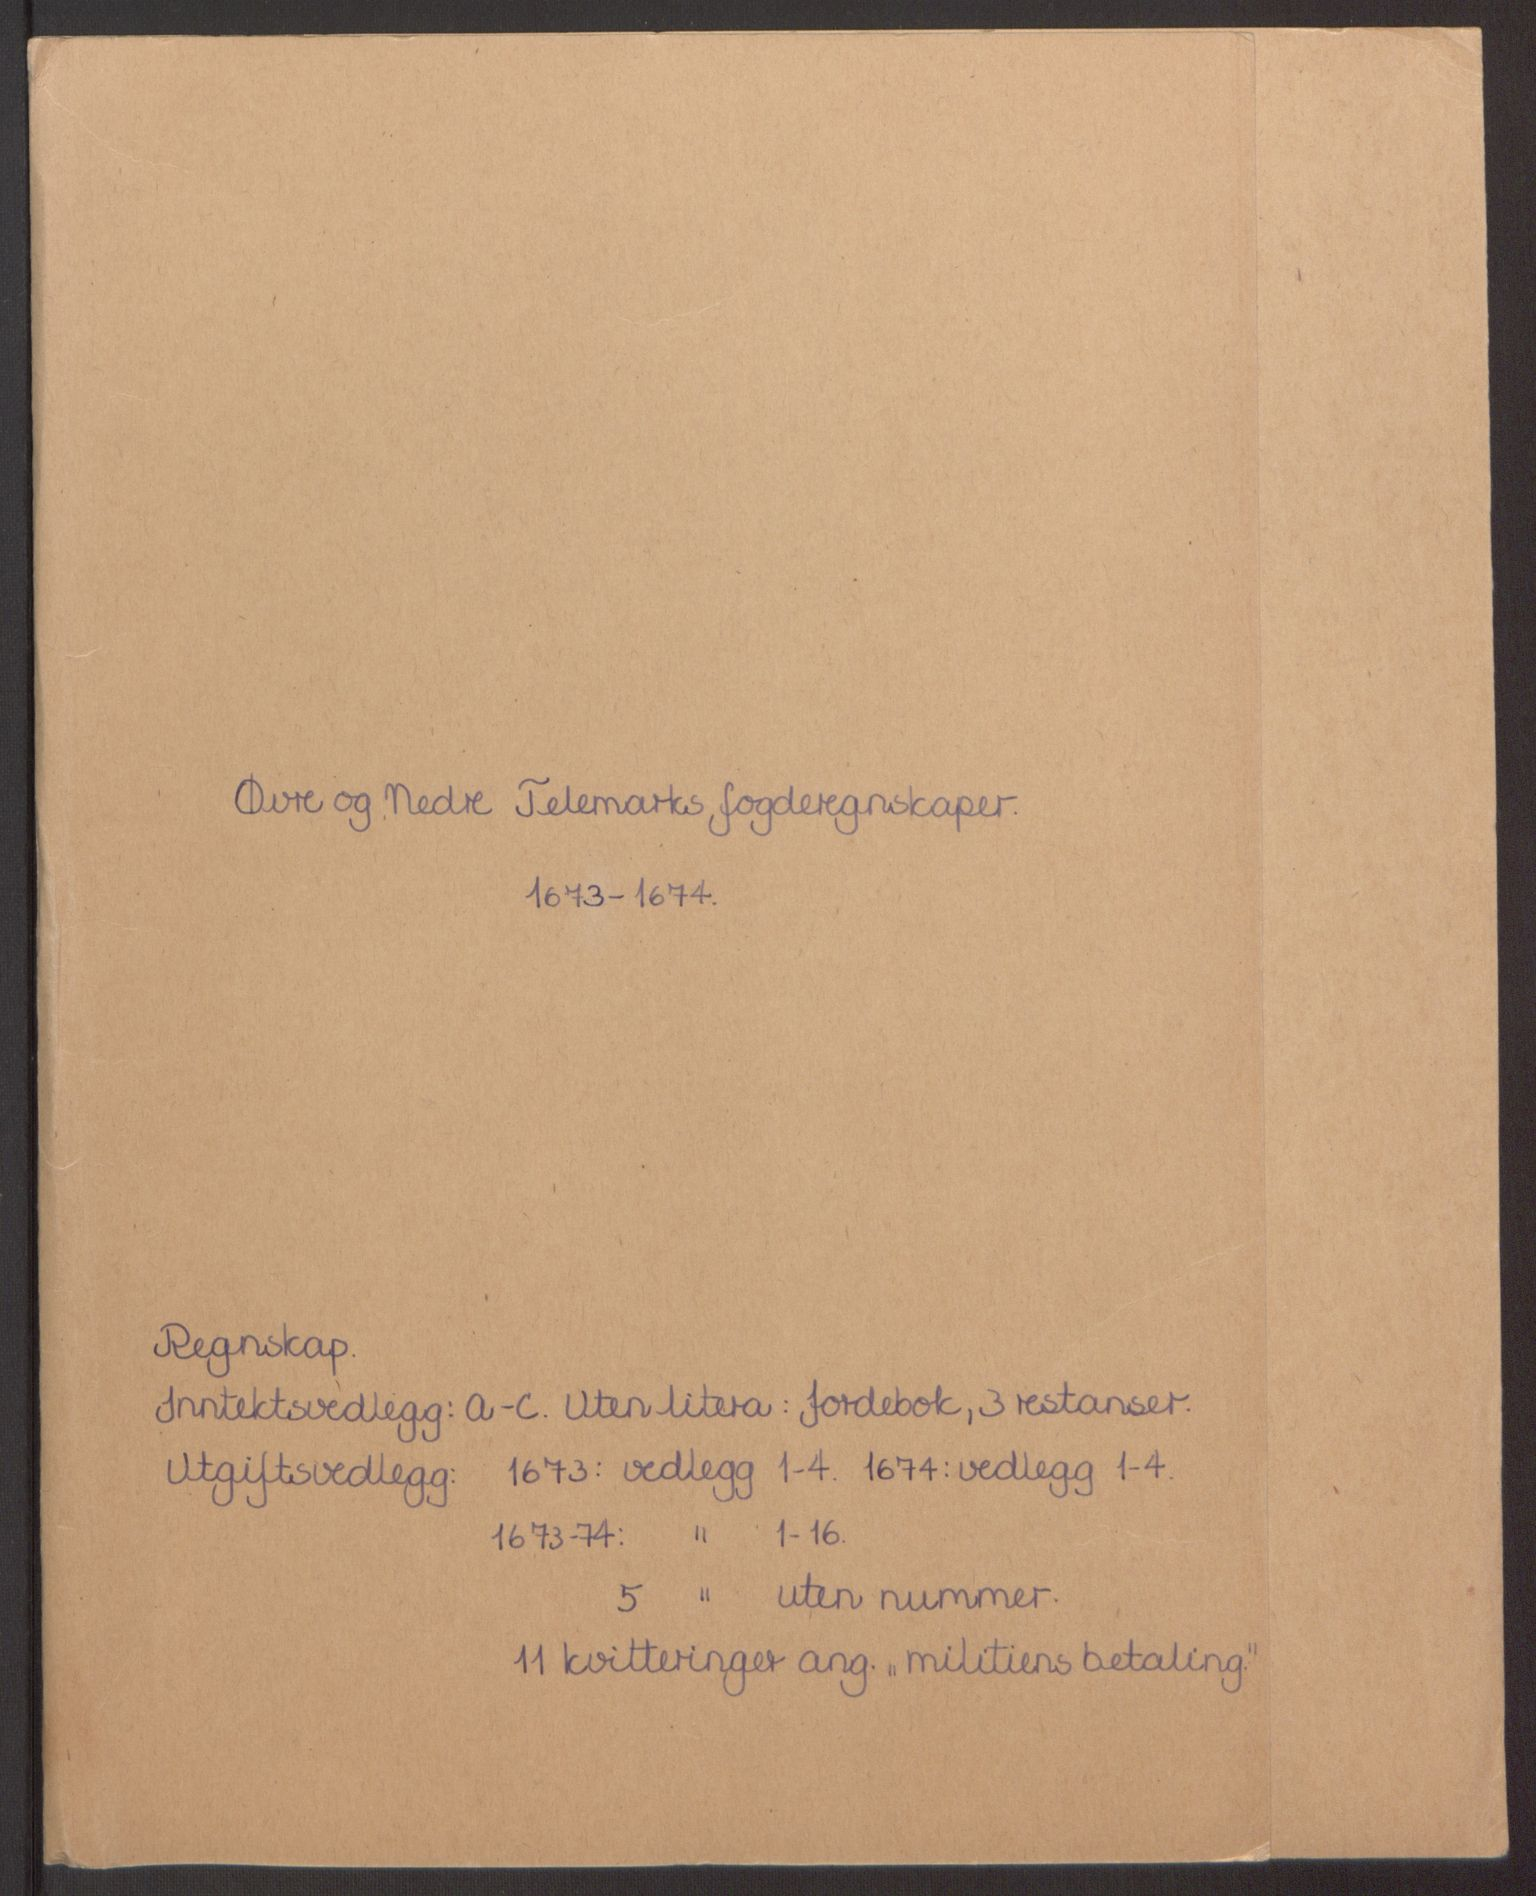 RA, Rentekammeret inntil 1814, Reviderte regnskaper, Fogderegnskap, R35/L2061: Fogderegnskap Øvre og Nedre Telemark, 1673-1674, s. 2